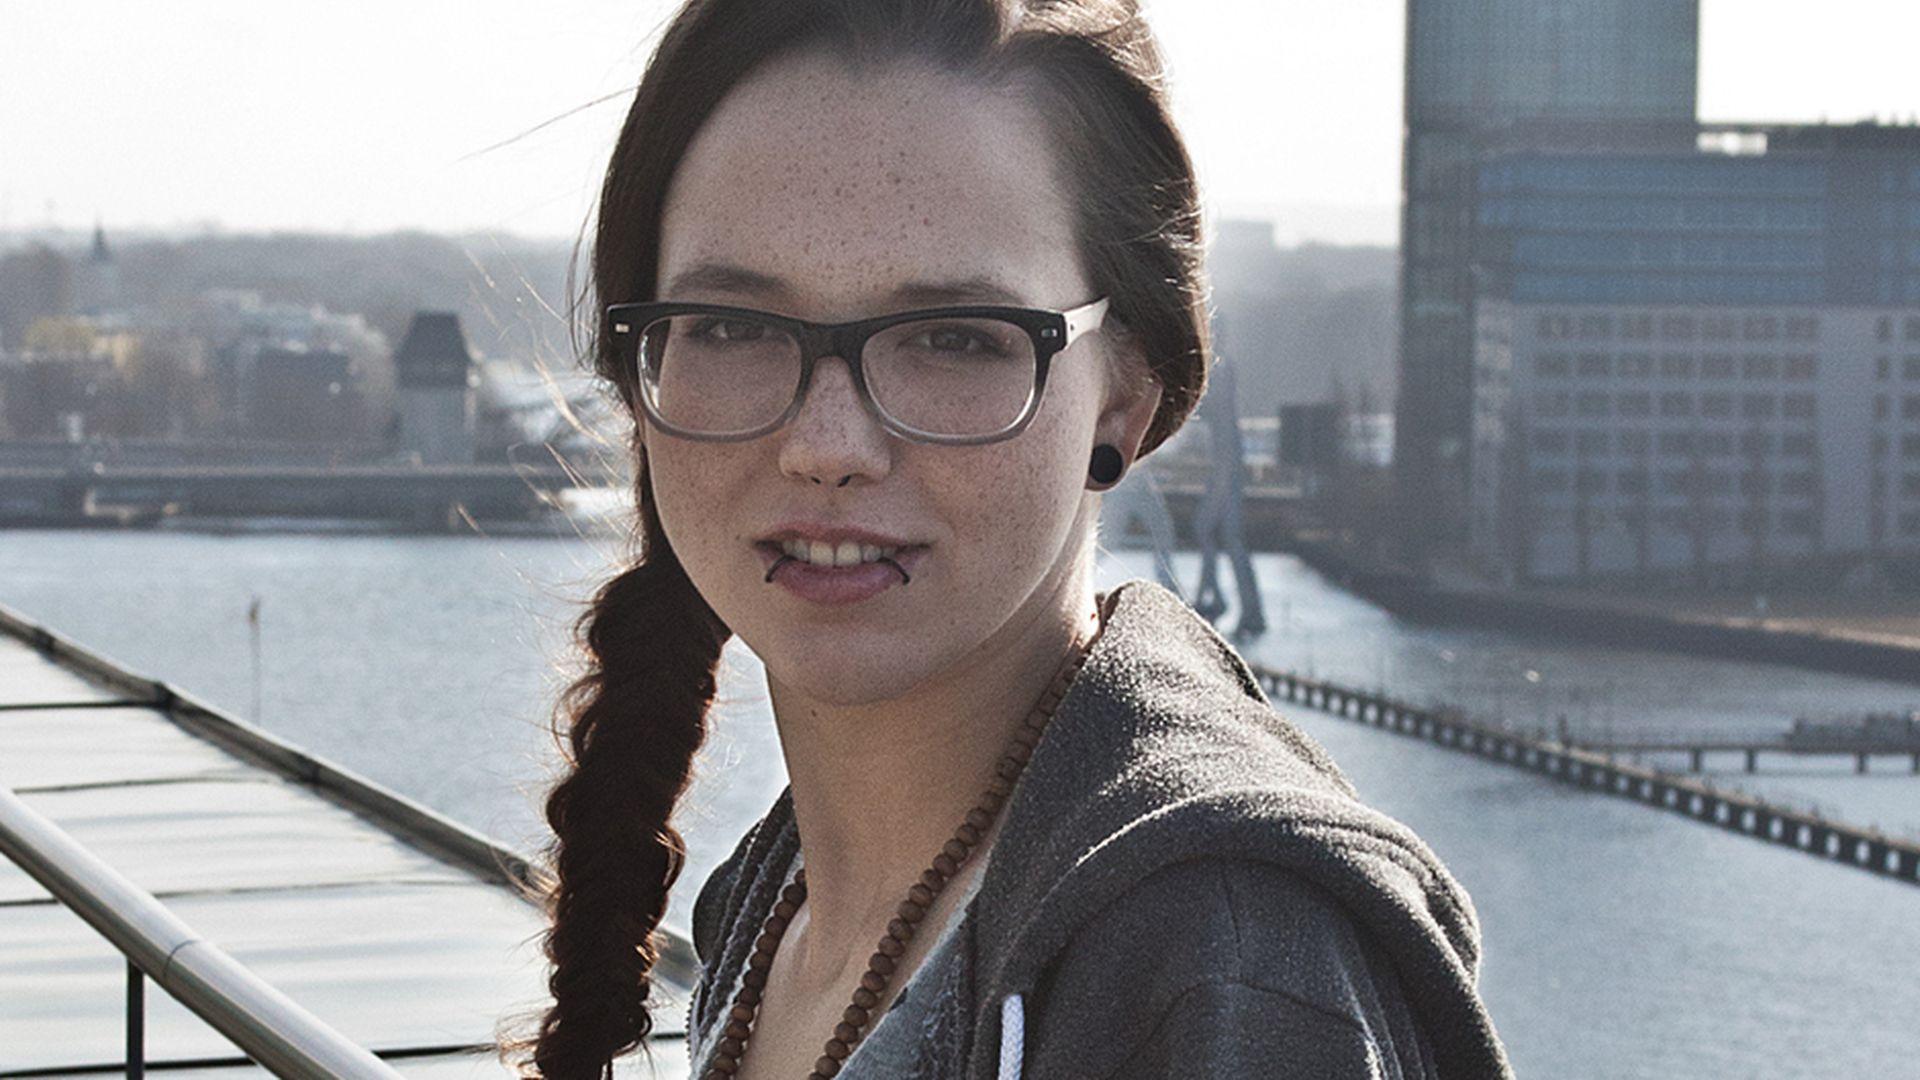 An Wen Kuschelt Sich Stefanie Heinzmann Promiflashde